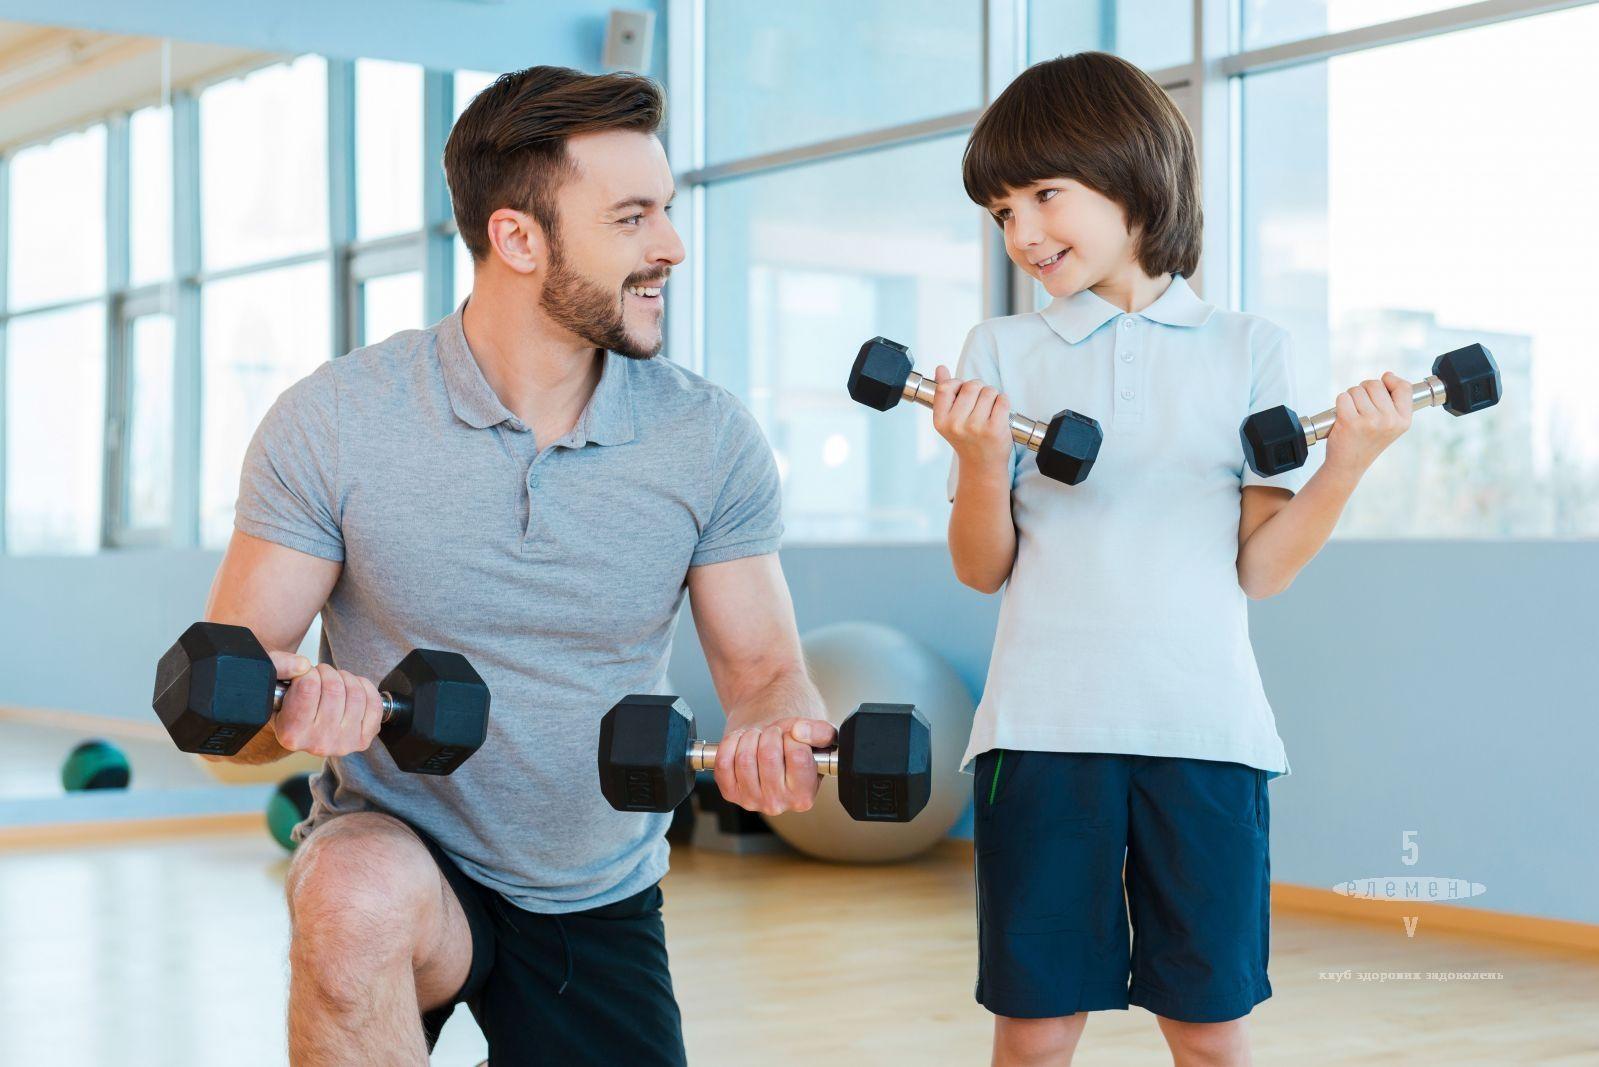 Здоровый образ жизни успешного человека в современном мире— фитнес-клуб 5 элемент